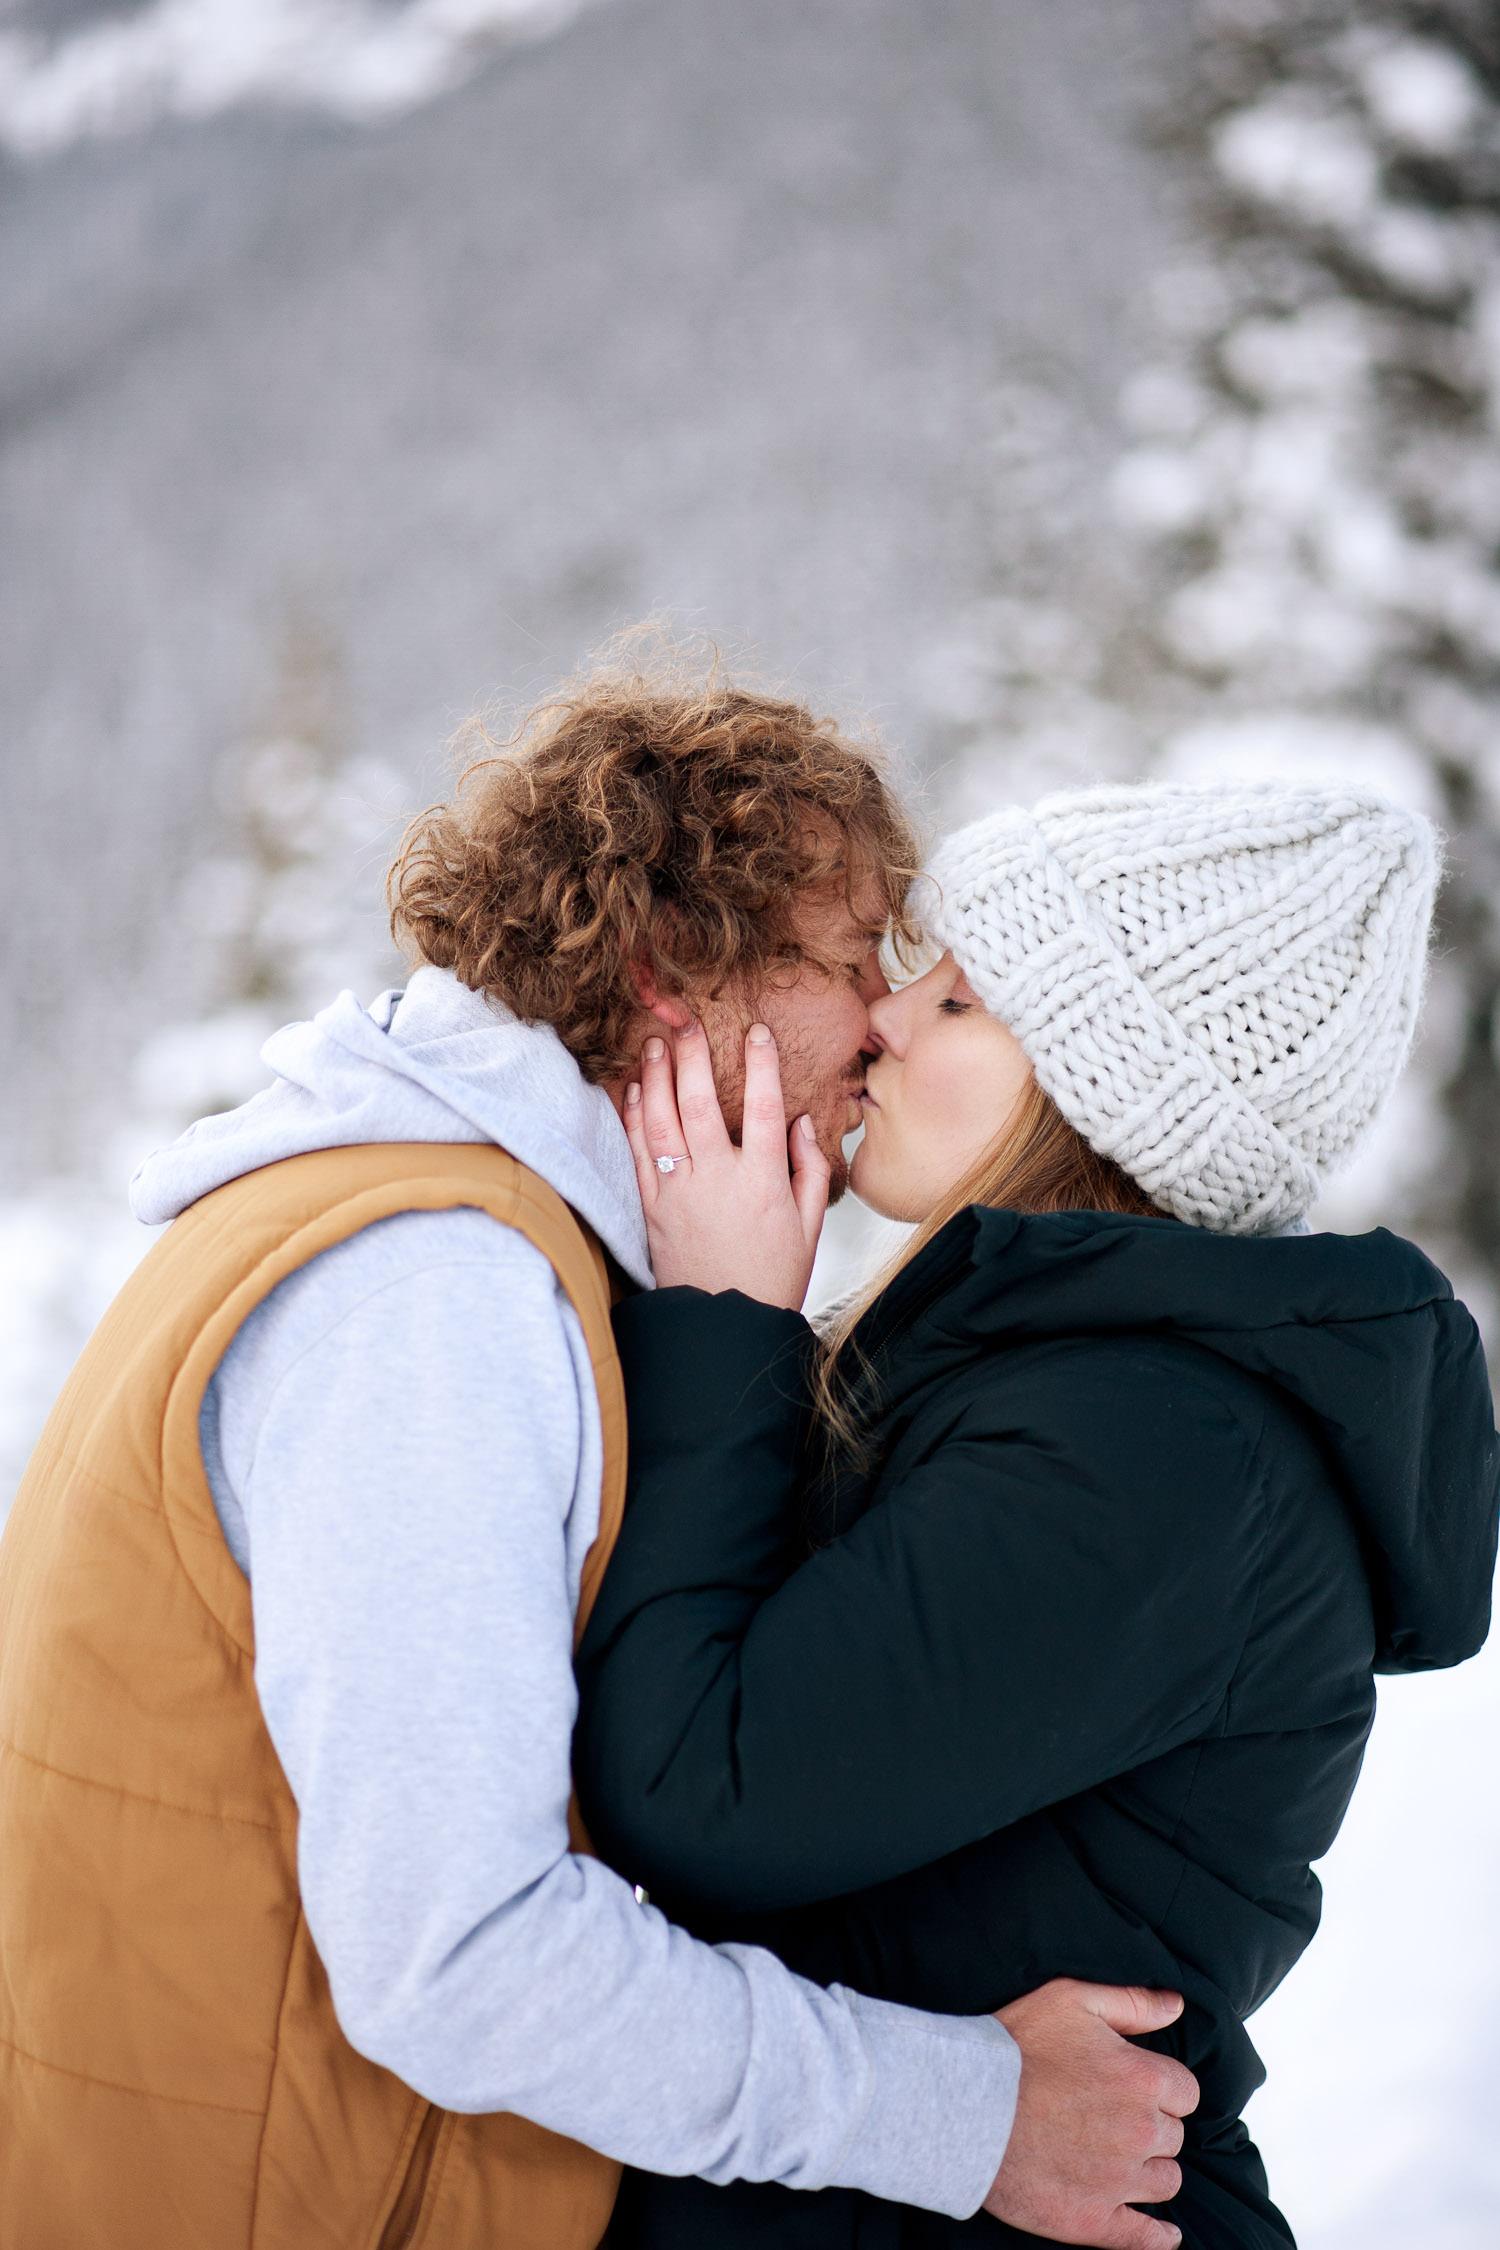 newly engaged at Lake Louise captured by Calgary wedding photographer Tara Whittaker